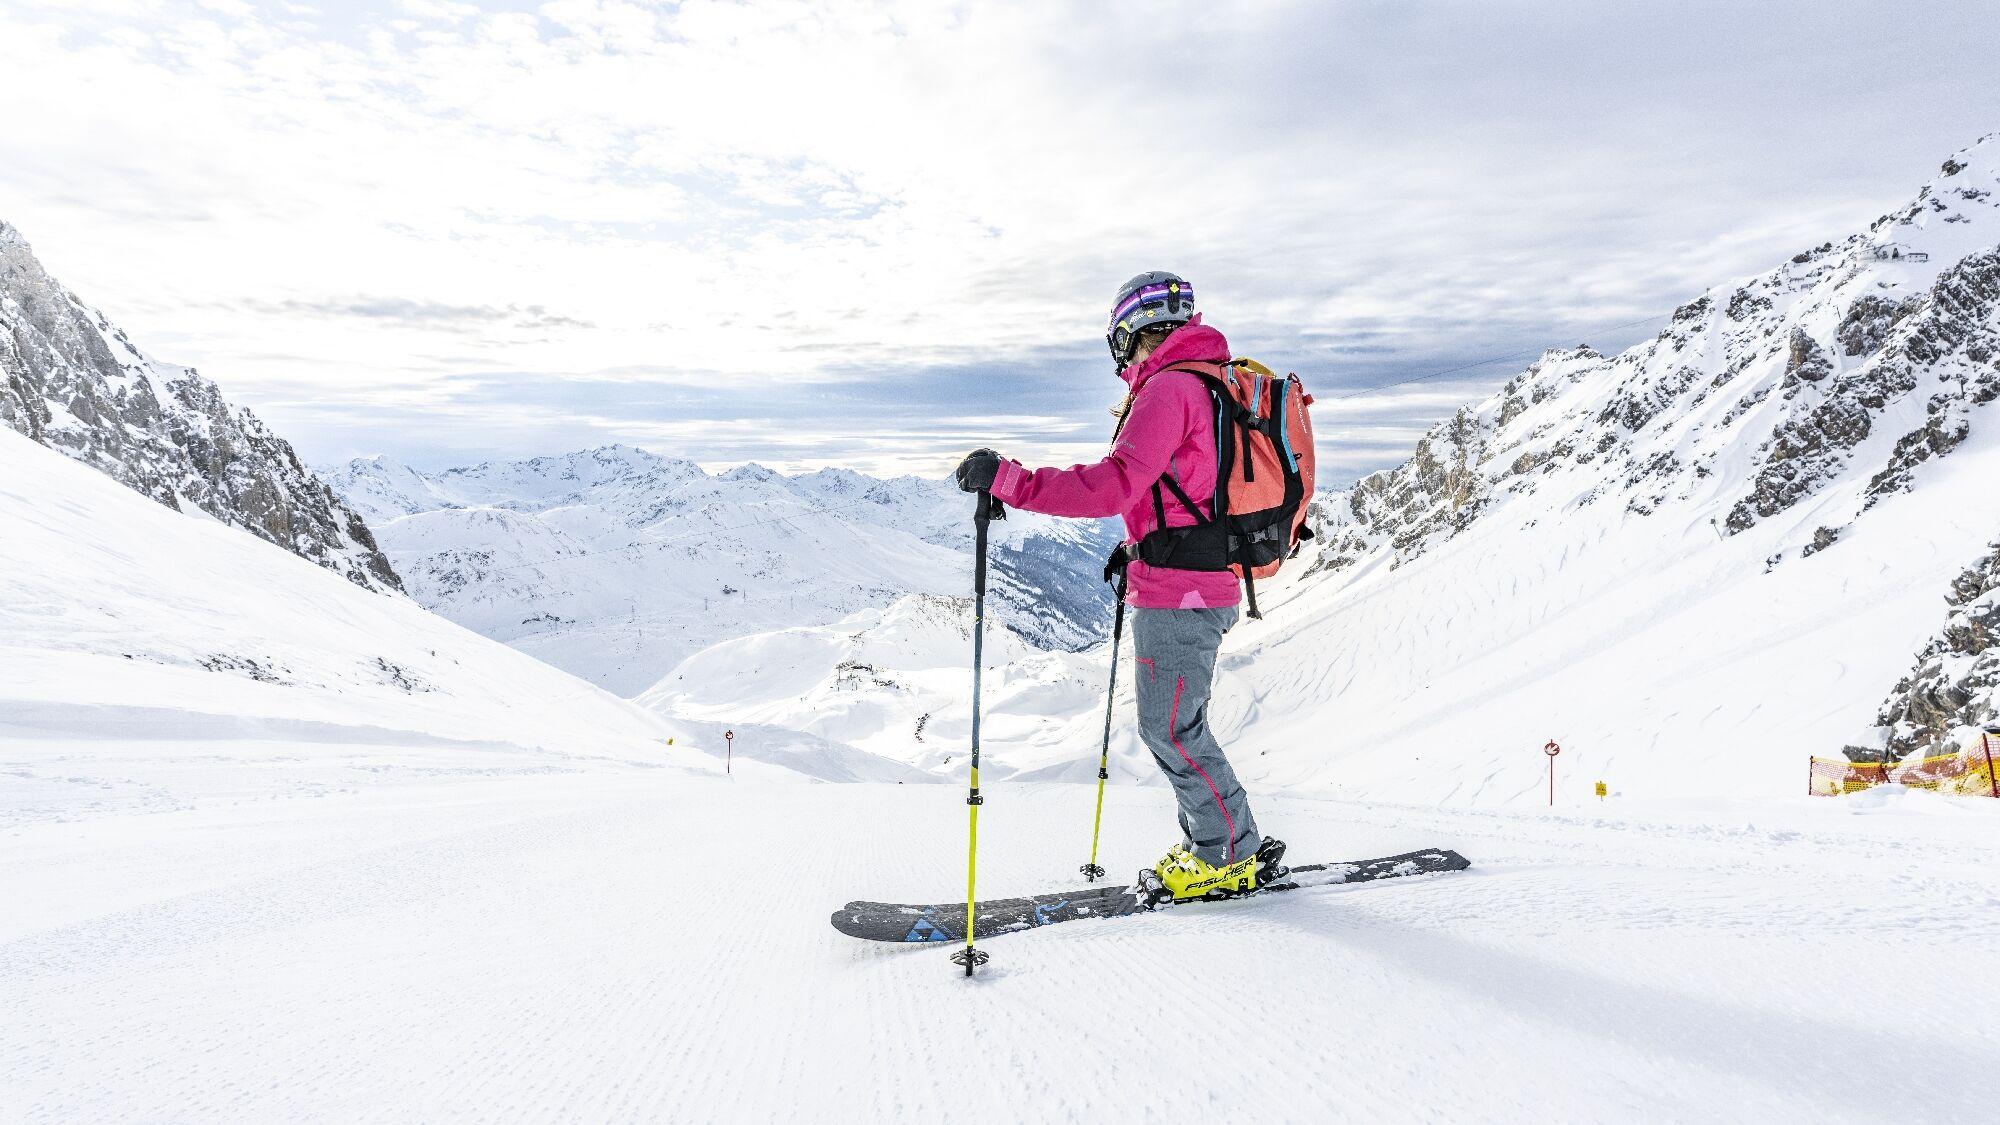 Pisten von St. Anton am Arlberg/Österreich